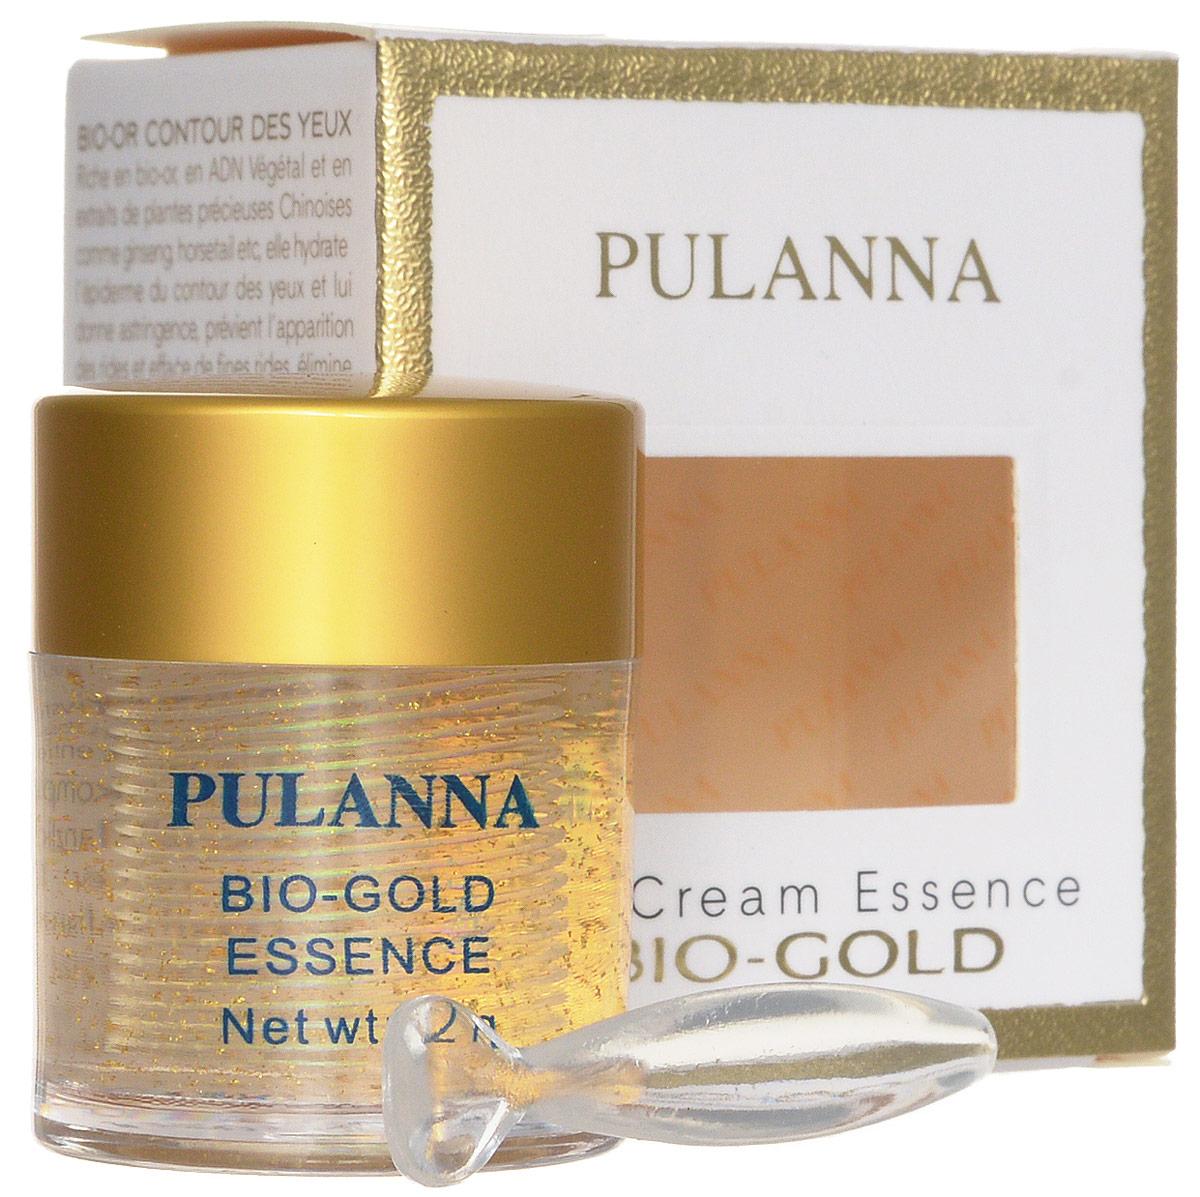 Pulanna Био-золотой гель для век на основе био-золота - Bio-gold Essence 21 г5902596005030Обогащенный гель с эффектом лифтинга. Осуществляет глубокое питание, регулирует обменные процессы, ускоряет регенерацию клеток, восполняет дефицит липидов в коже, увлажняет, нормализует кровоснабжение. Возвращает нежной коже век упругость и свежесть, активно борется с морщинами и предотвращает их появление. Снимает отечность, уменьшает темные круги под глазами. Обеспечивает коже длительное, глубокое увлажнение и питание.Био-золото, экстракт хвоща и экстракт женьшеня способствуют обновлению клеток, нормализации водно-жирового и кислородного обмена. Растительные ДНК участвуют в синтезе белков, регенерации клеток кожи. Является базой под макияж. Рекомендован с 40 лет в качестве основного ухода, с 35 лет курсами (28-30 дней).